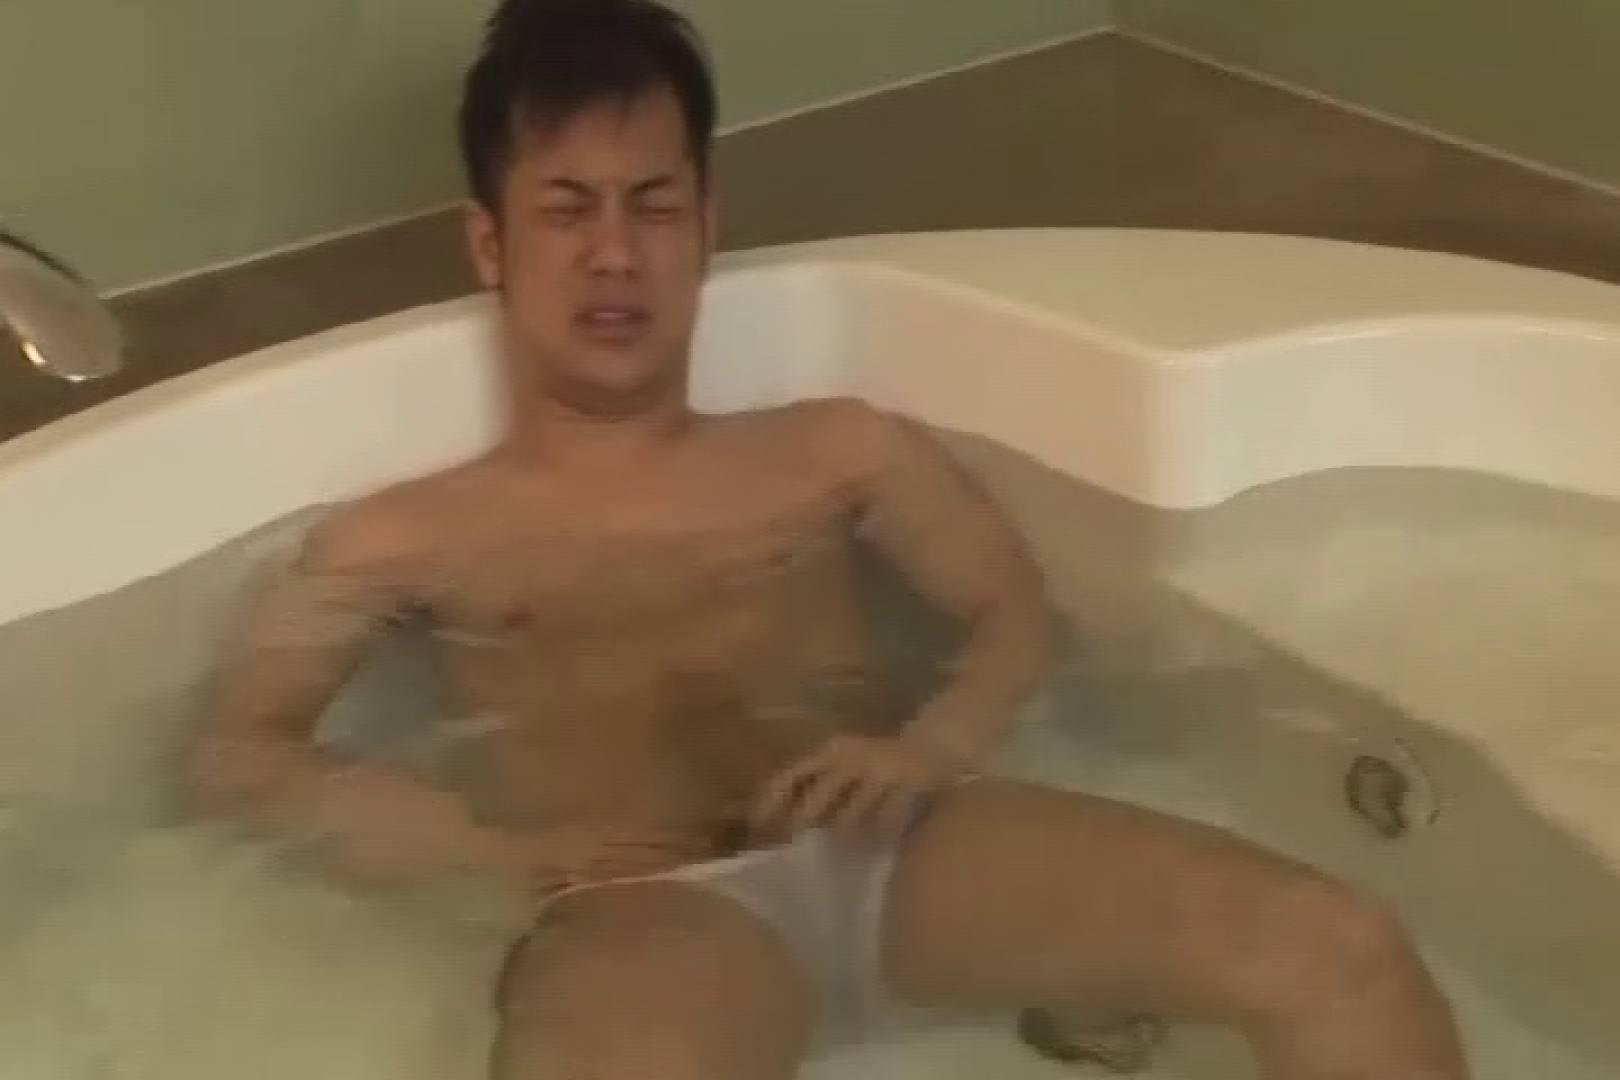 暴れん棒!!雄穴を狙え!! vol.02 オナニー ゲイアダルト画像 95枚 40